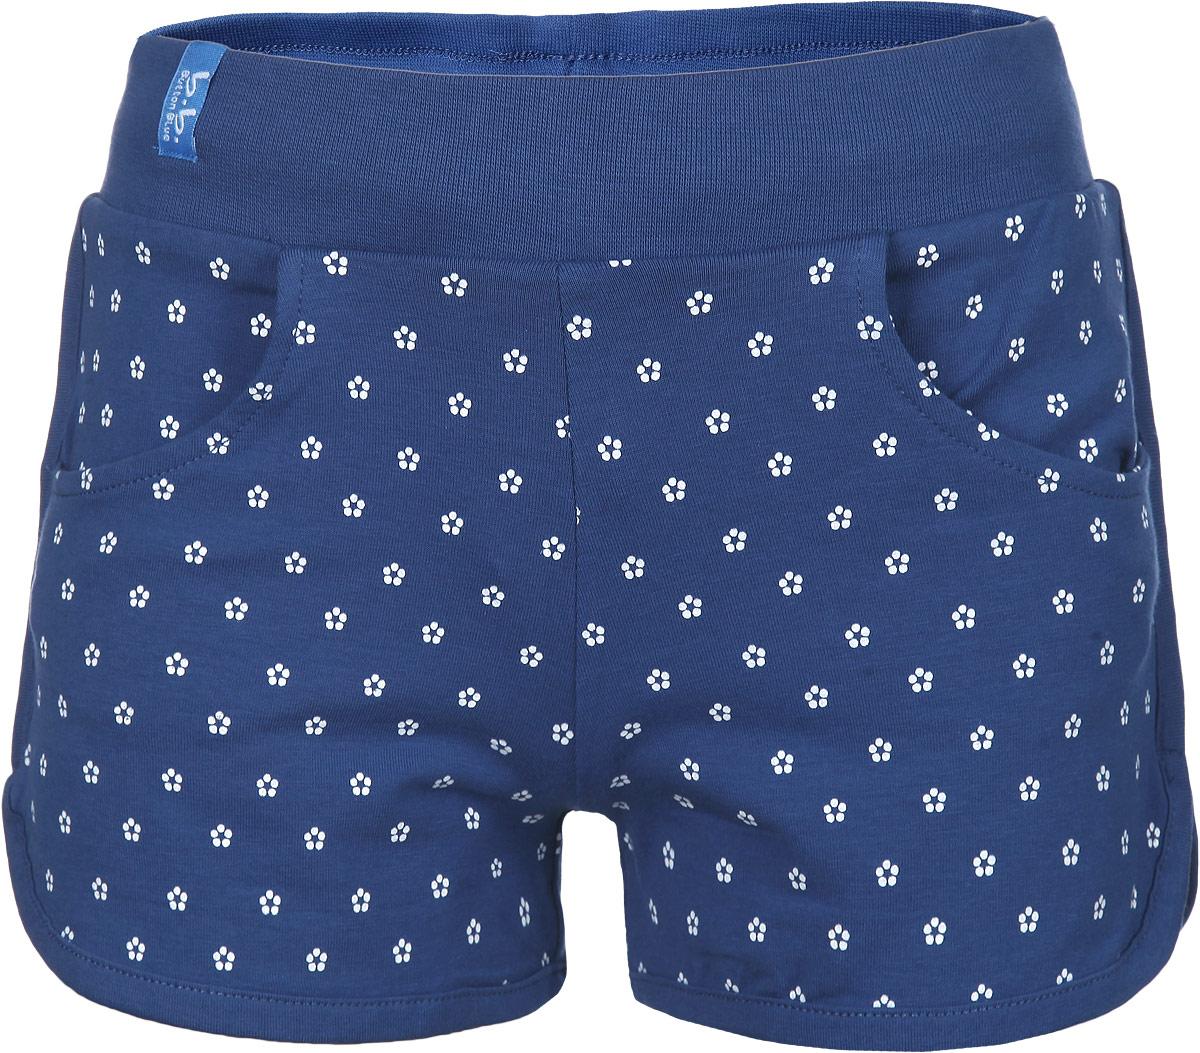 Шорты116BBGB5406Стильные шорты для девочки Button Blue идеально подойдут для активного отдыха и прогулок. Изготовленные из эластичного хлопка, они необычайно мягкие и приятные на ощупь, не сковывают движения малышки и позволяют коже дышать, не раздражают даже самую нежную и чувствительную кожу ребенка, обеспечивая наибольший комфорт. Короткие шортики имеют широкую эластичную резинку на поясе. С внутренней стороны пояс регулируется шнурком-кулиской. Спереди модель дополнена двумя втачными кармашками. Шорты оформлены мелким цветочным принтом. Оригинальный современный дизайн и модная расцветка делают эти шорты модным и стильным предметом детского гардероба. В них ваша малышка всегда будет в центре внимания!